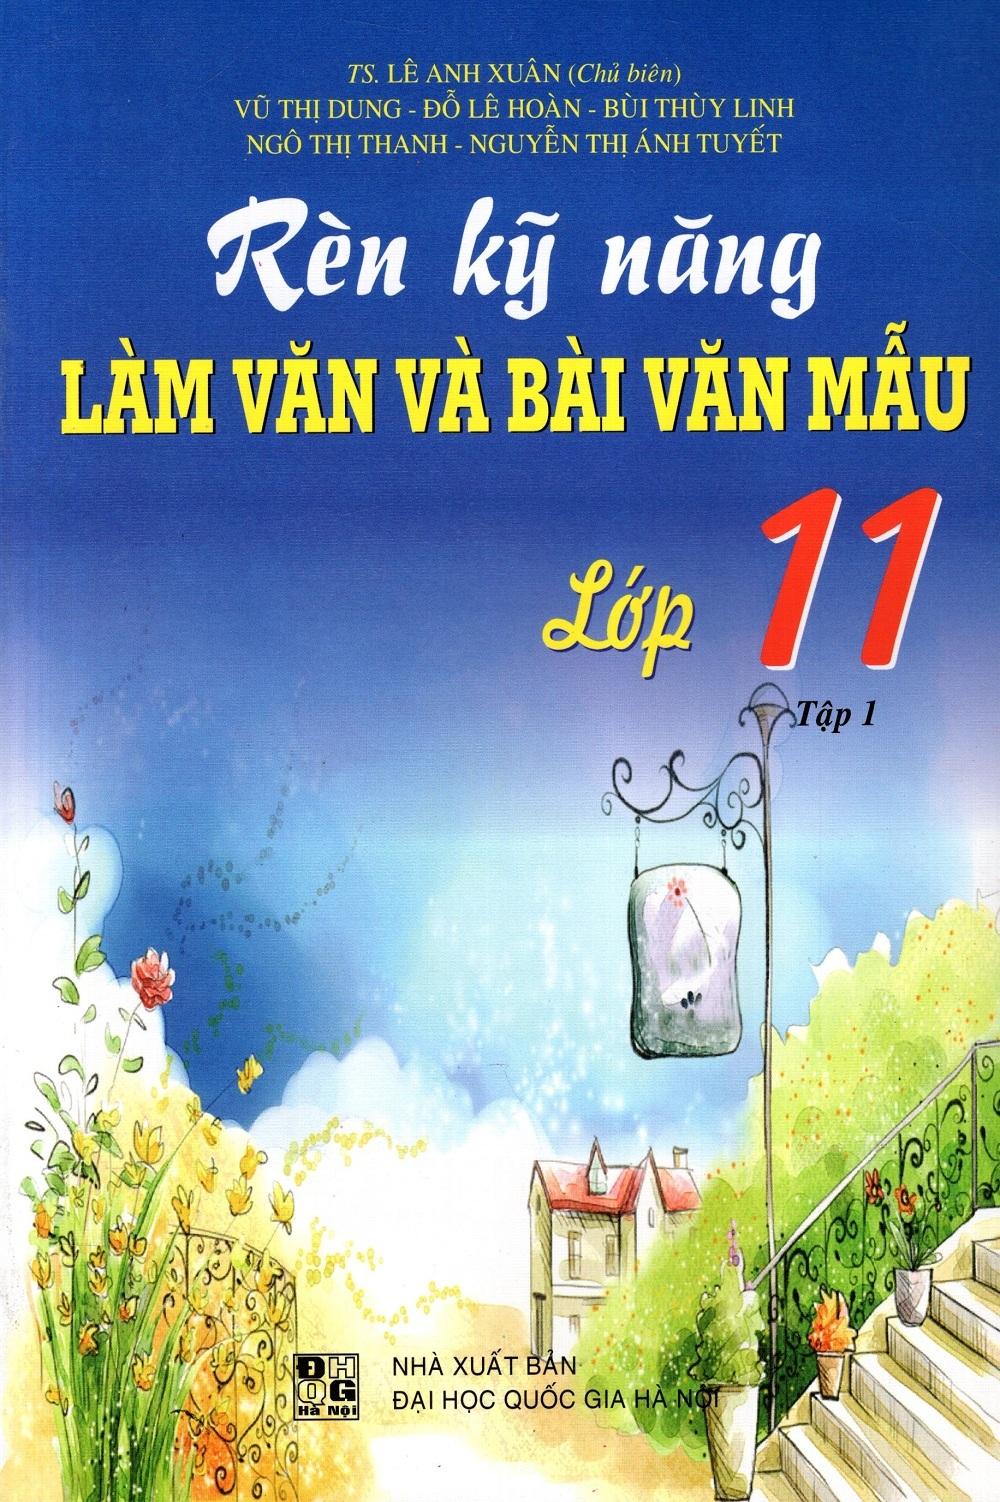 Rèn Kỹ Năng Làm Văn Và Bài Văn Mẫu Lớp 11 (Tập 1) - 8936036305654,62_220220,81500,tiki.vn,Ren-Ky-Nang-Lam-Van-Va-Bai-Van-Mau-Lop-11-Tap-1-62_220220,Rèn Kỹ Năng Làm Văn Và Bài Văn Mẫu Lớp 11 (Tập 1)